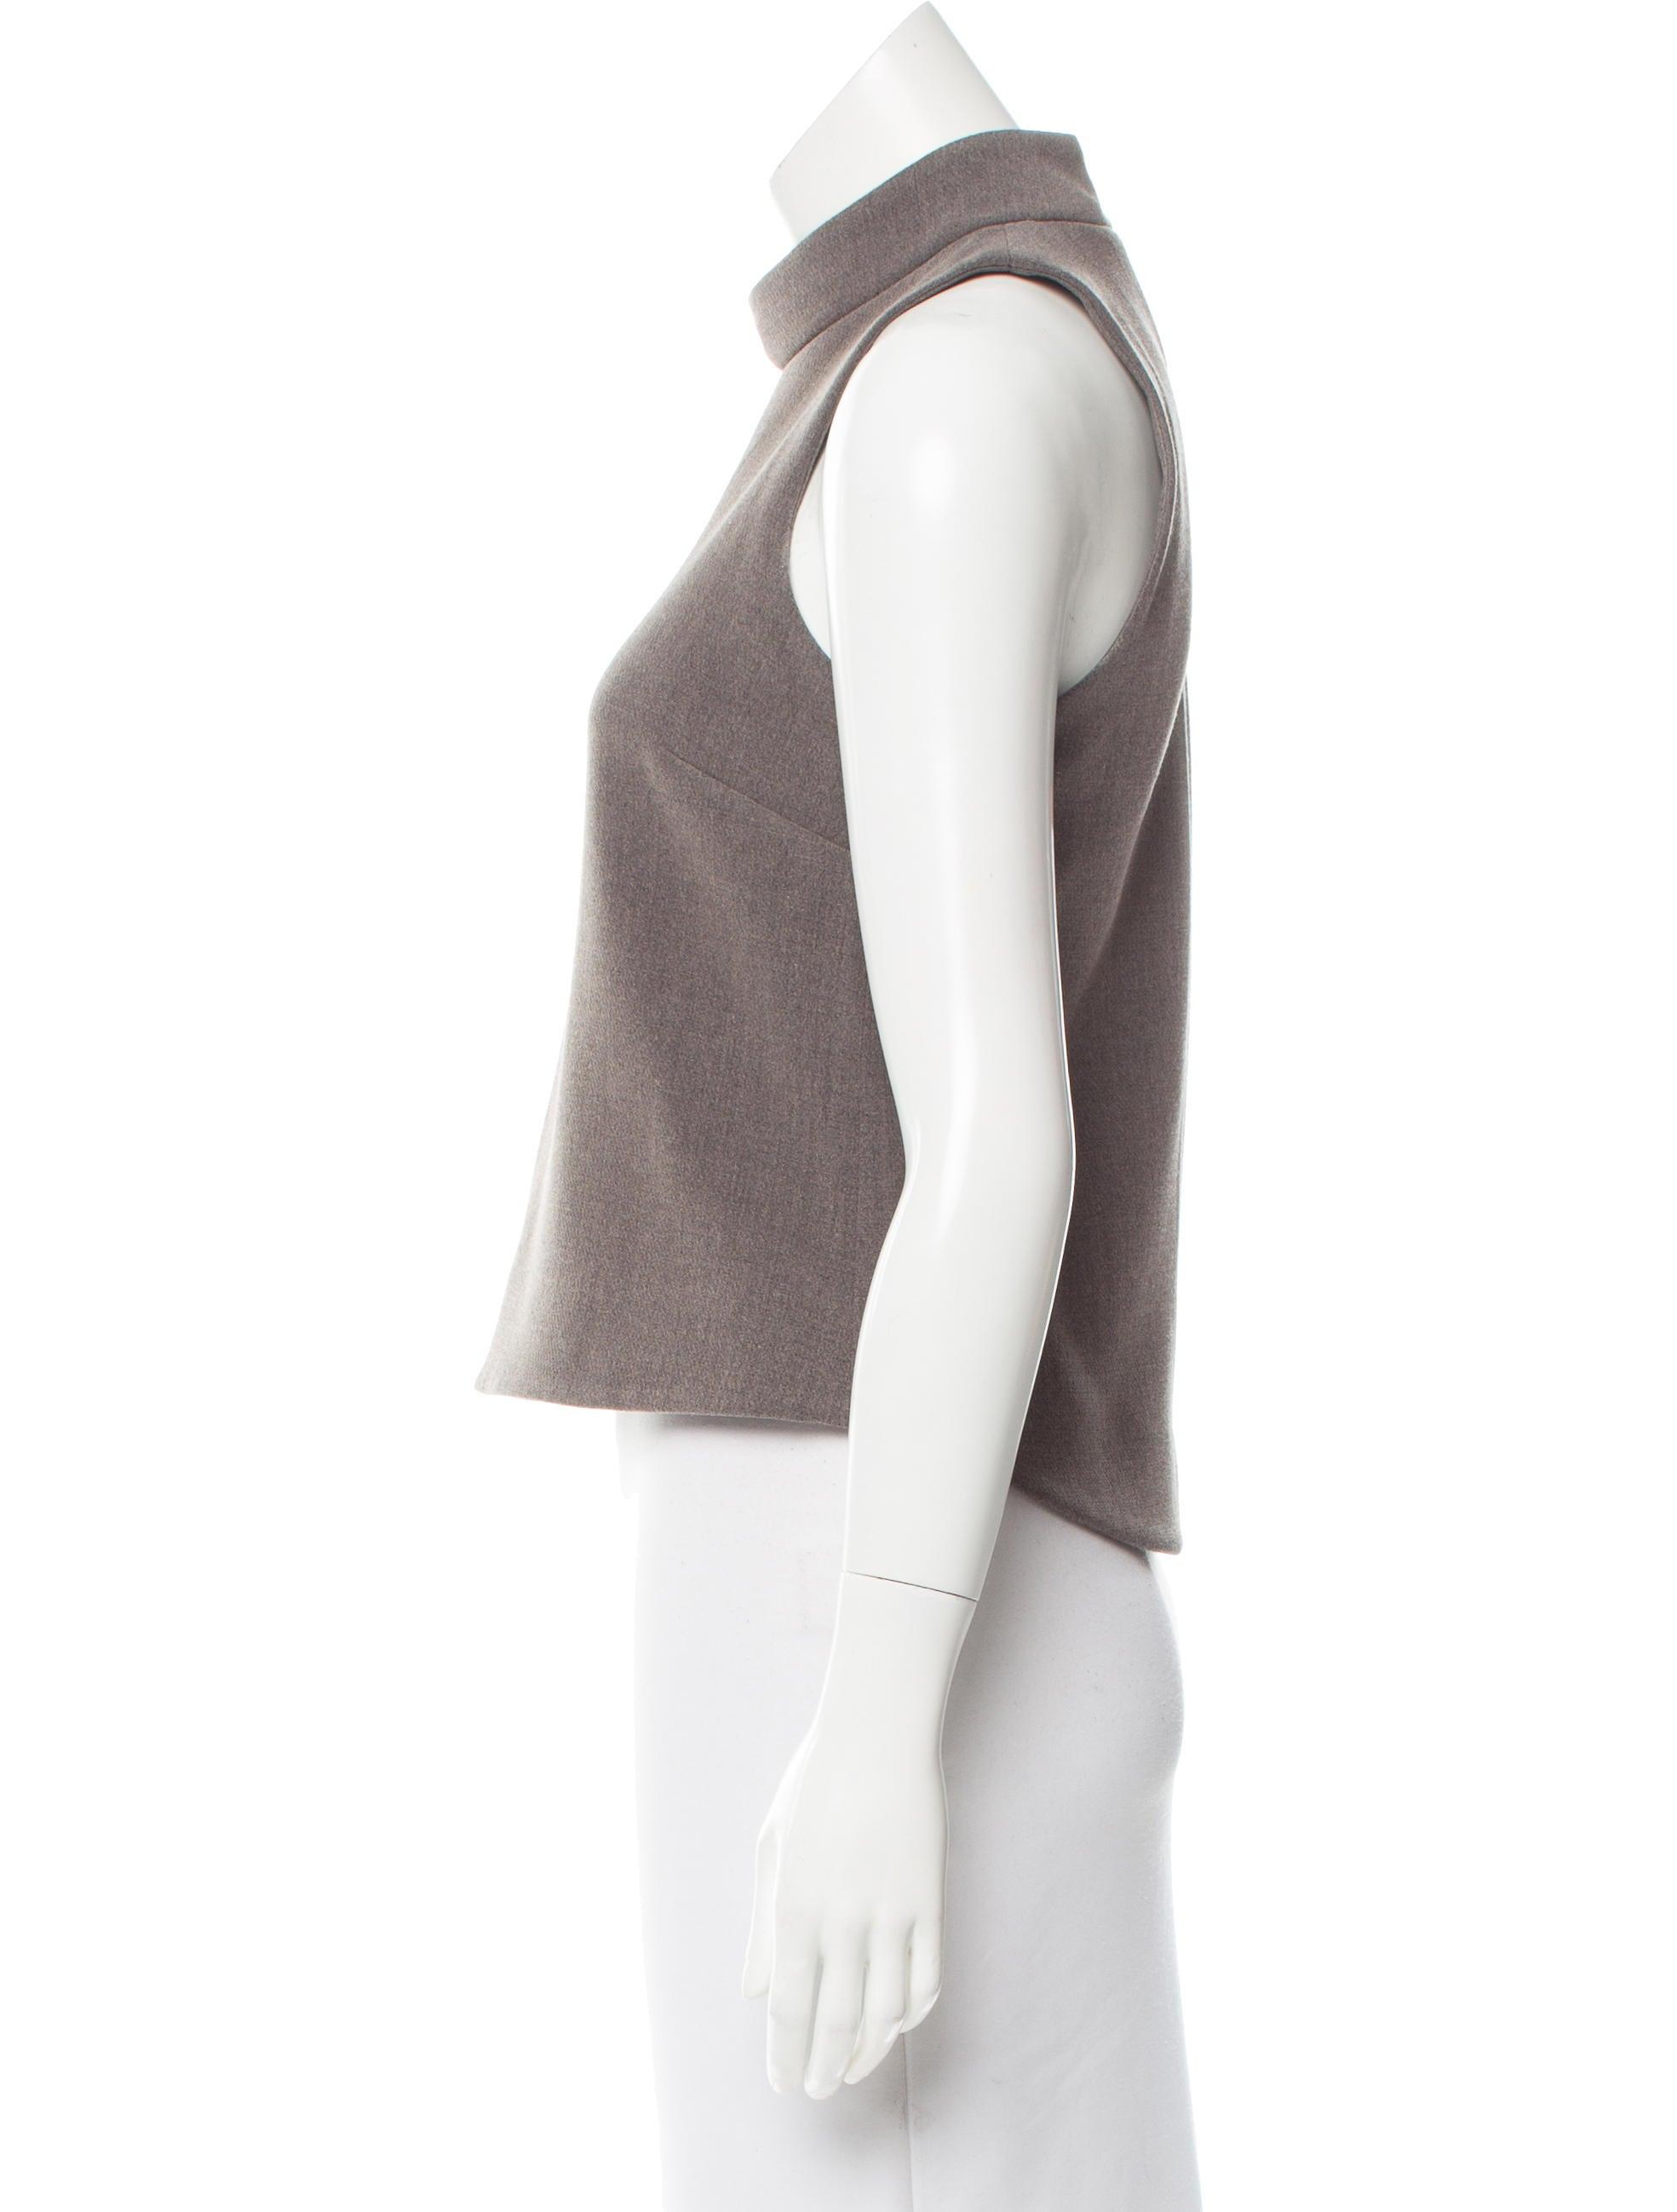 Intermix Sleeveless Mock Neck Top Clothing Wix20178